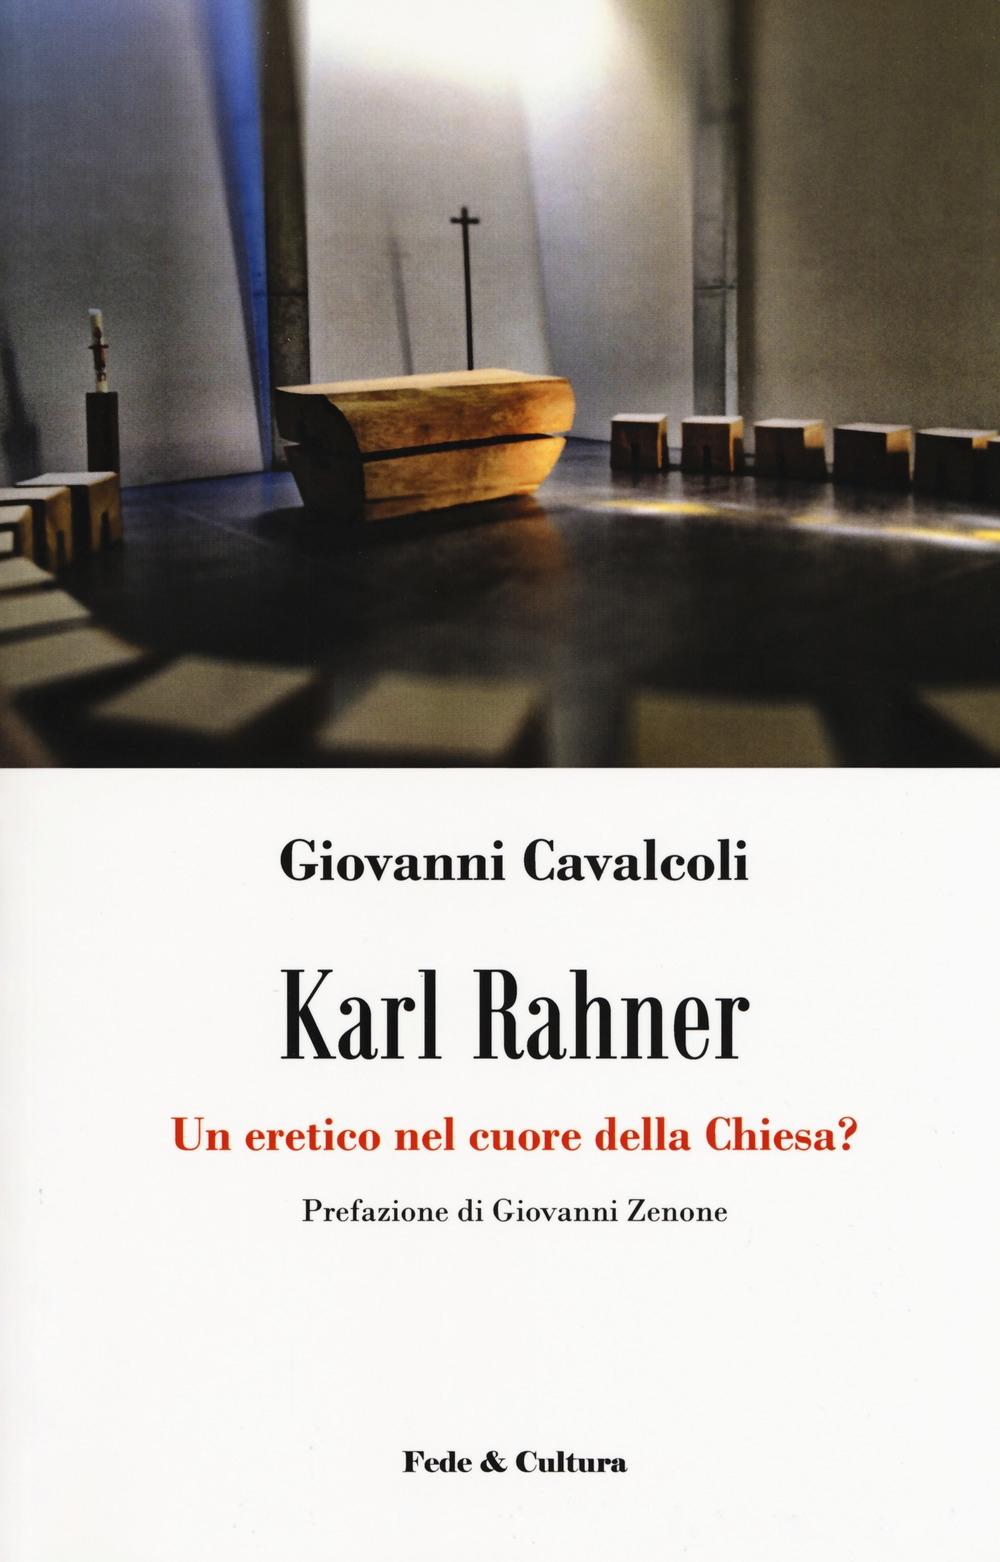 Karl Rahner. Un eretico nel cuore della Chiesa?